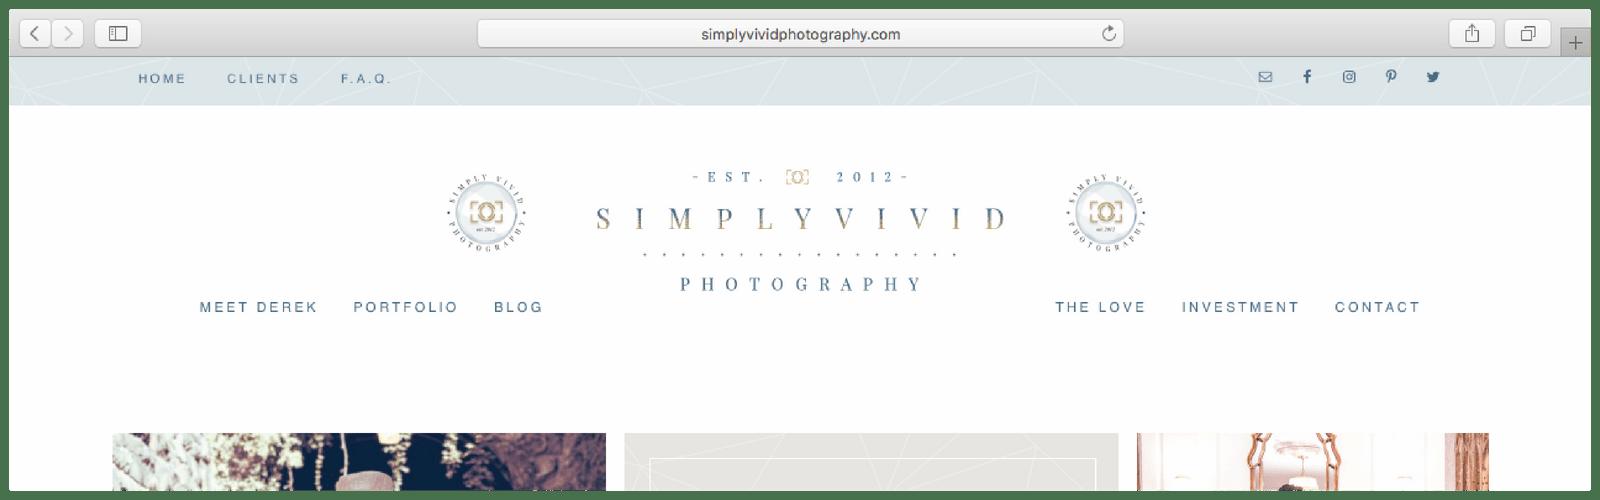 webdesign slider